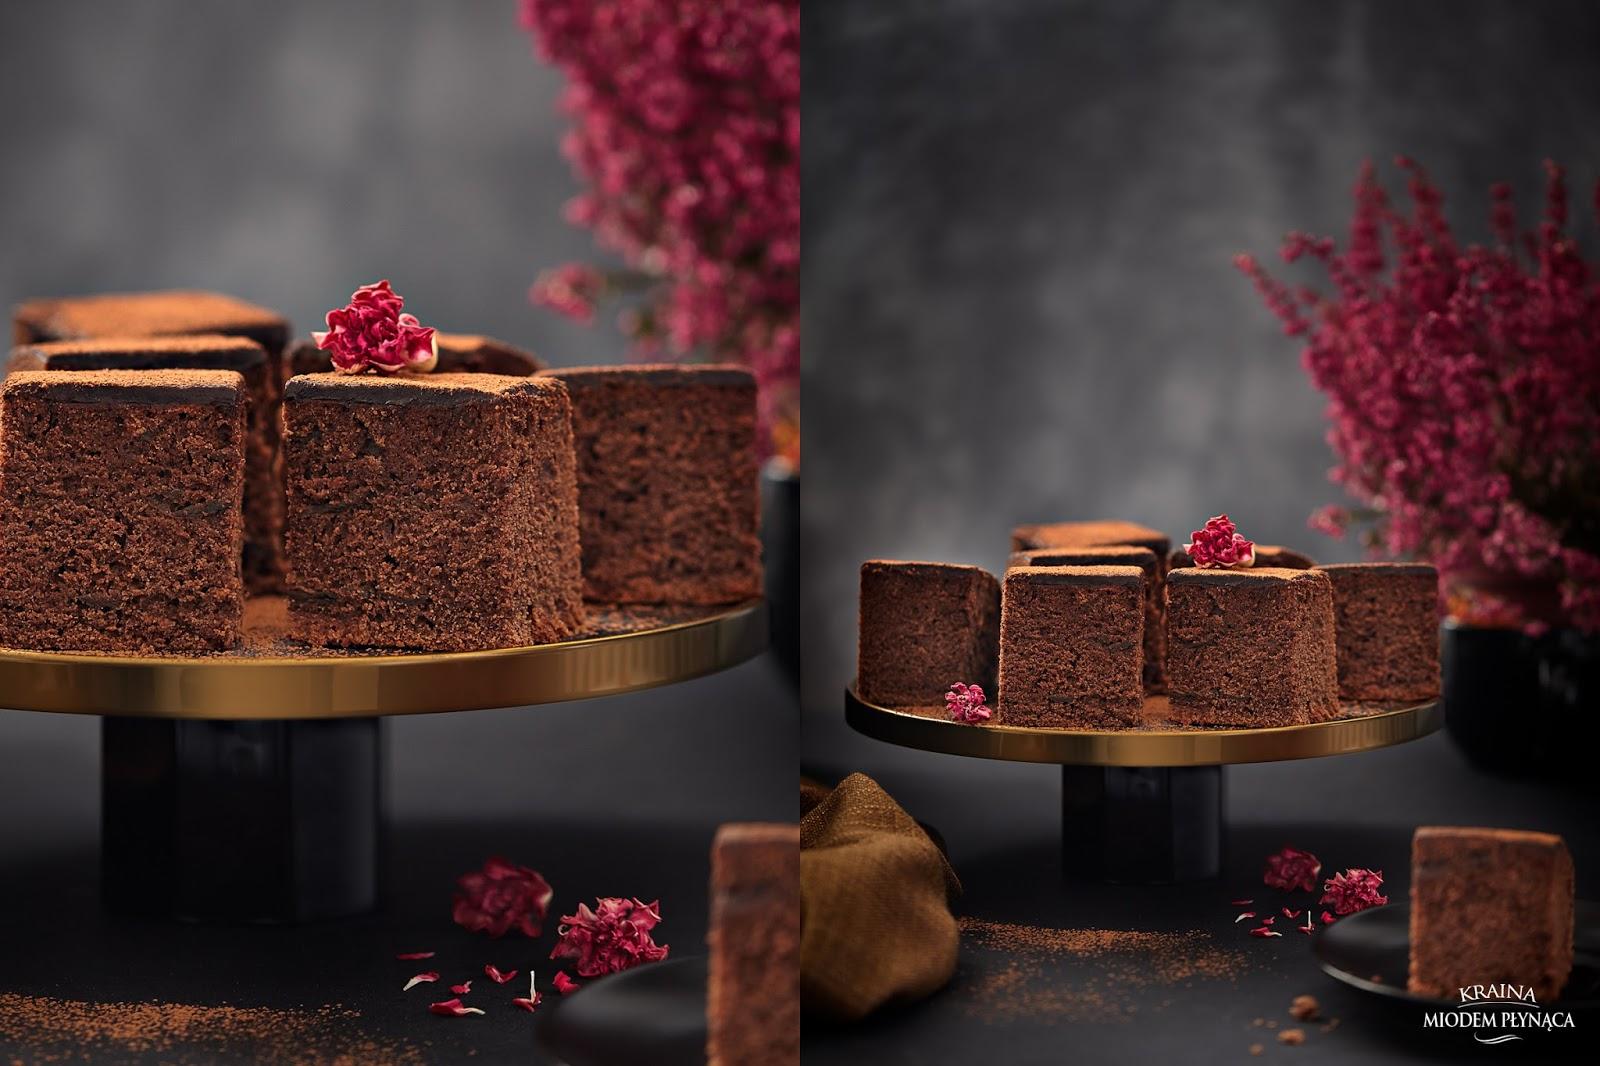 murzynek, tradycyjny murzynek, murzynek z powidłami, ciasto czekoladowe, ciasto z kakao, ciasto z powidłami, kraina miodem płynąca